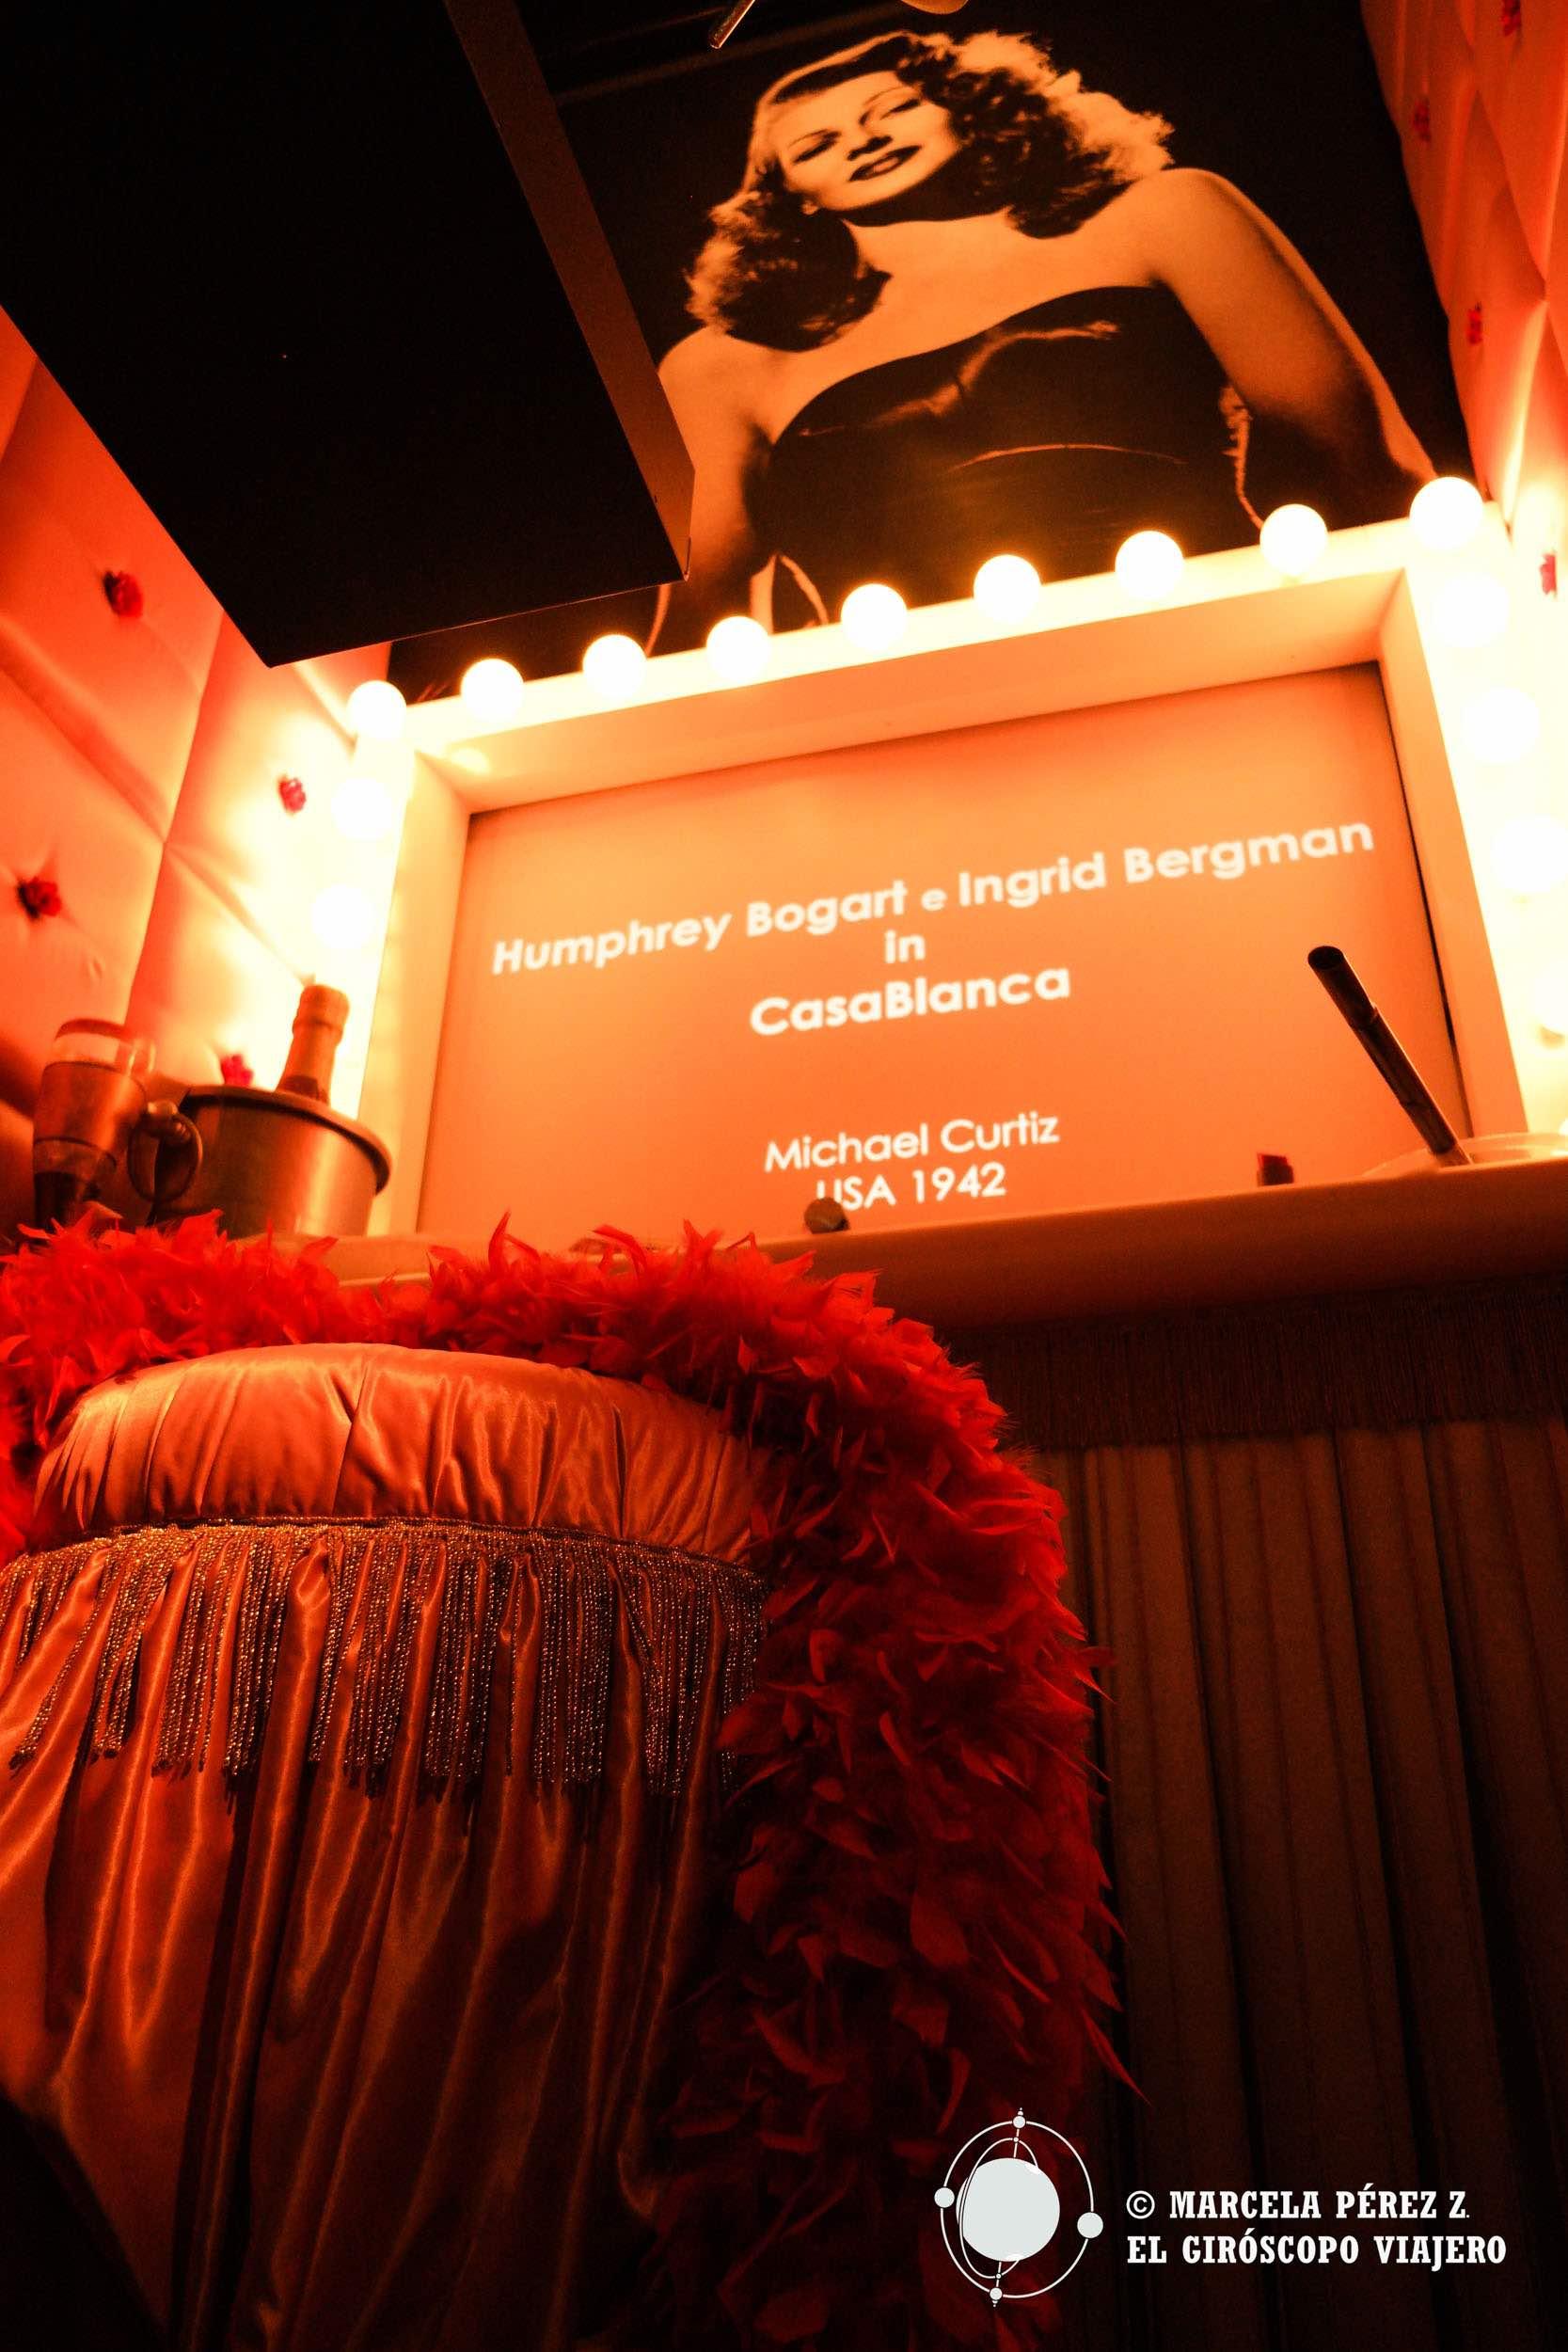 Curiosos homenajes a estrellas de la pantalla grande como Ingrid Bergman